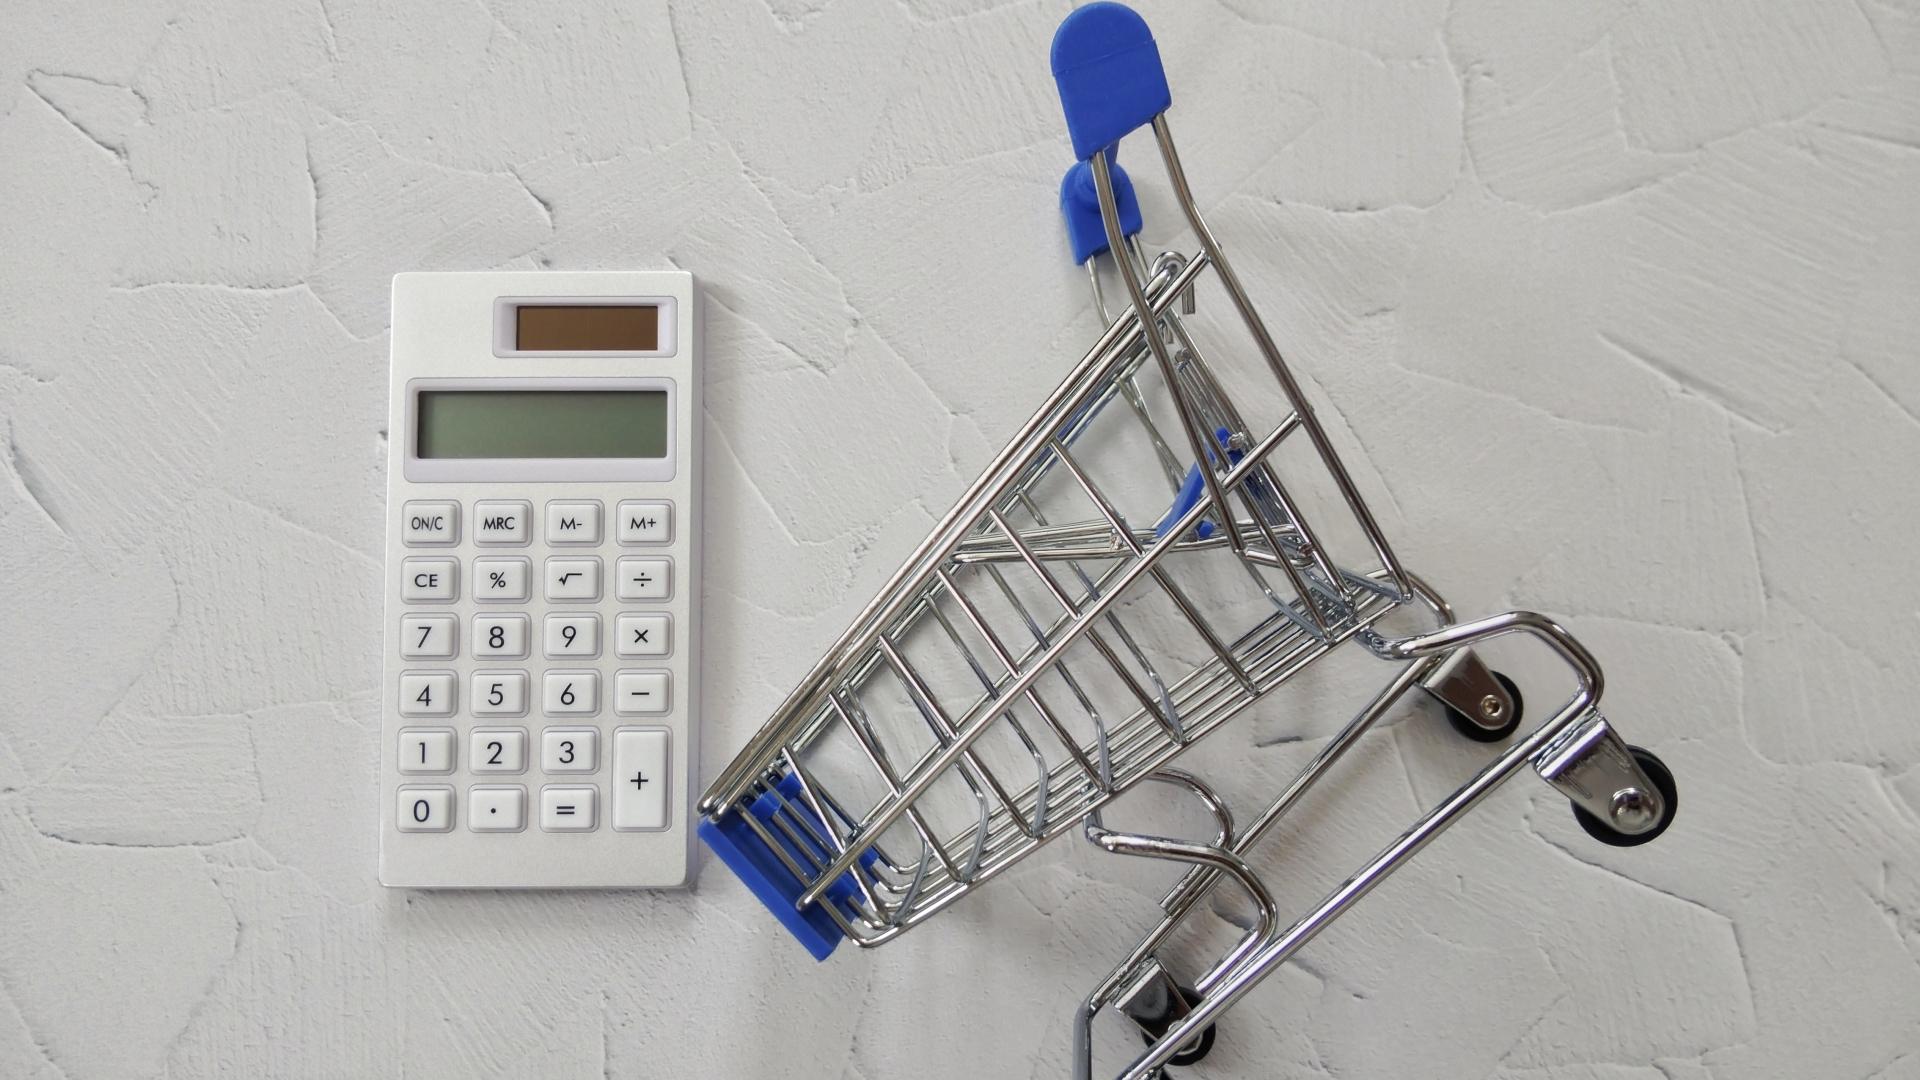 計算機とショッピングカート